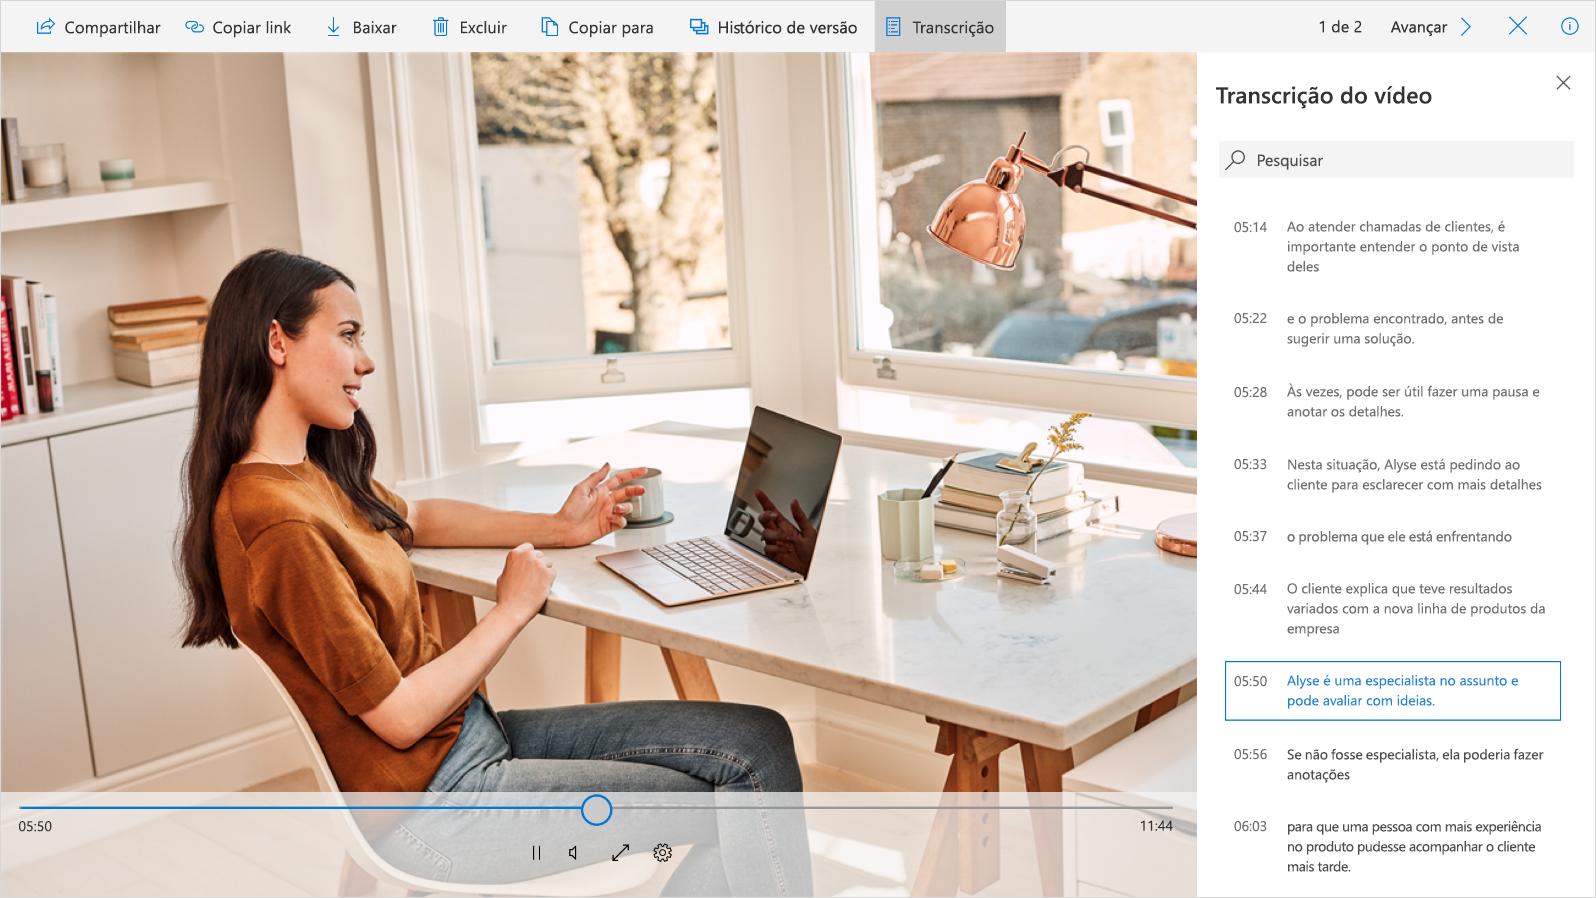 Uma captura de tela mostra um vídeo e uma transcrição de vídeo na barra lateral direita.